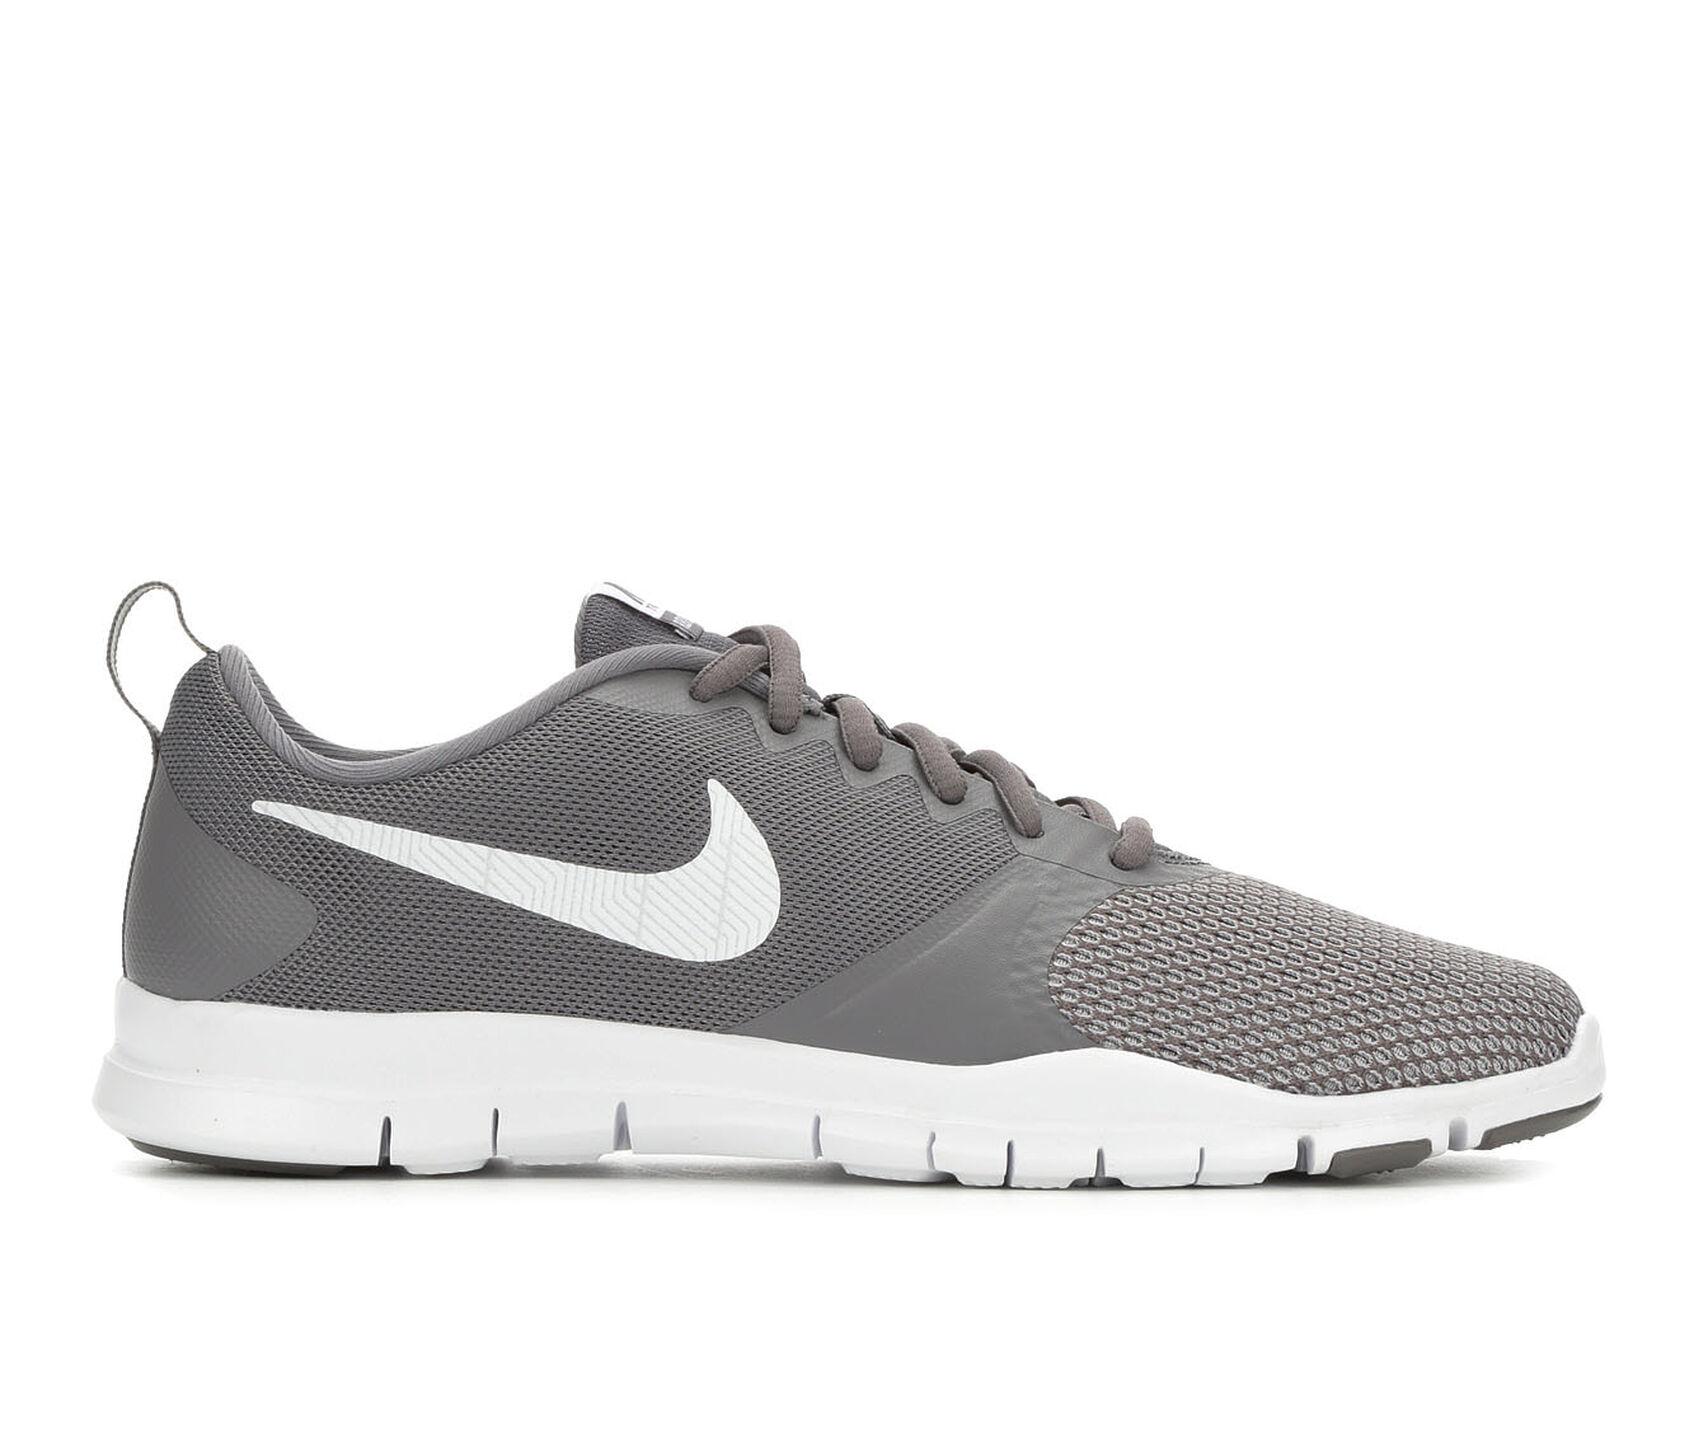 9e694cbb11267 Women s Nike Flex Essential Training Shoes